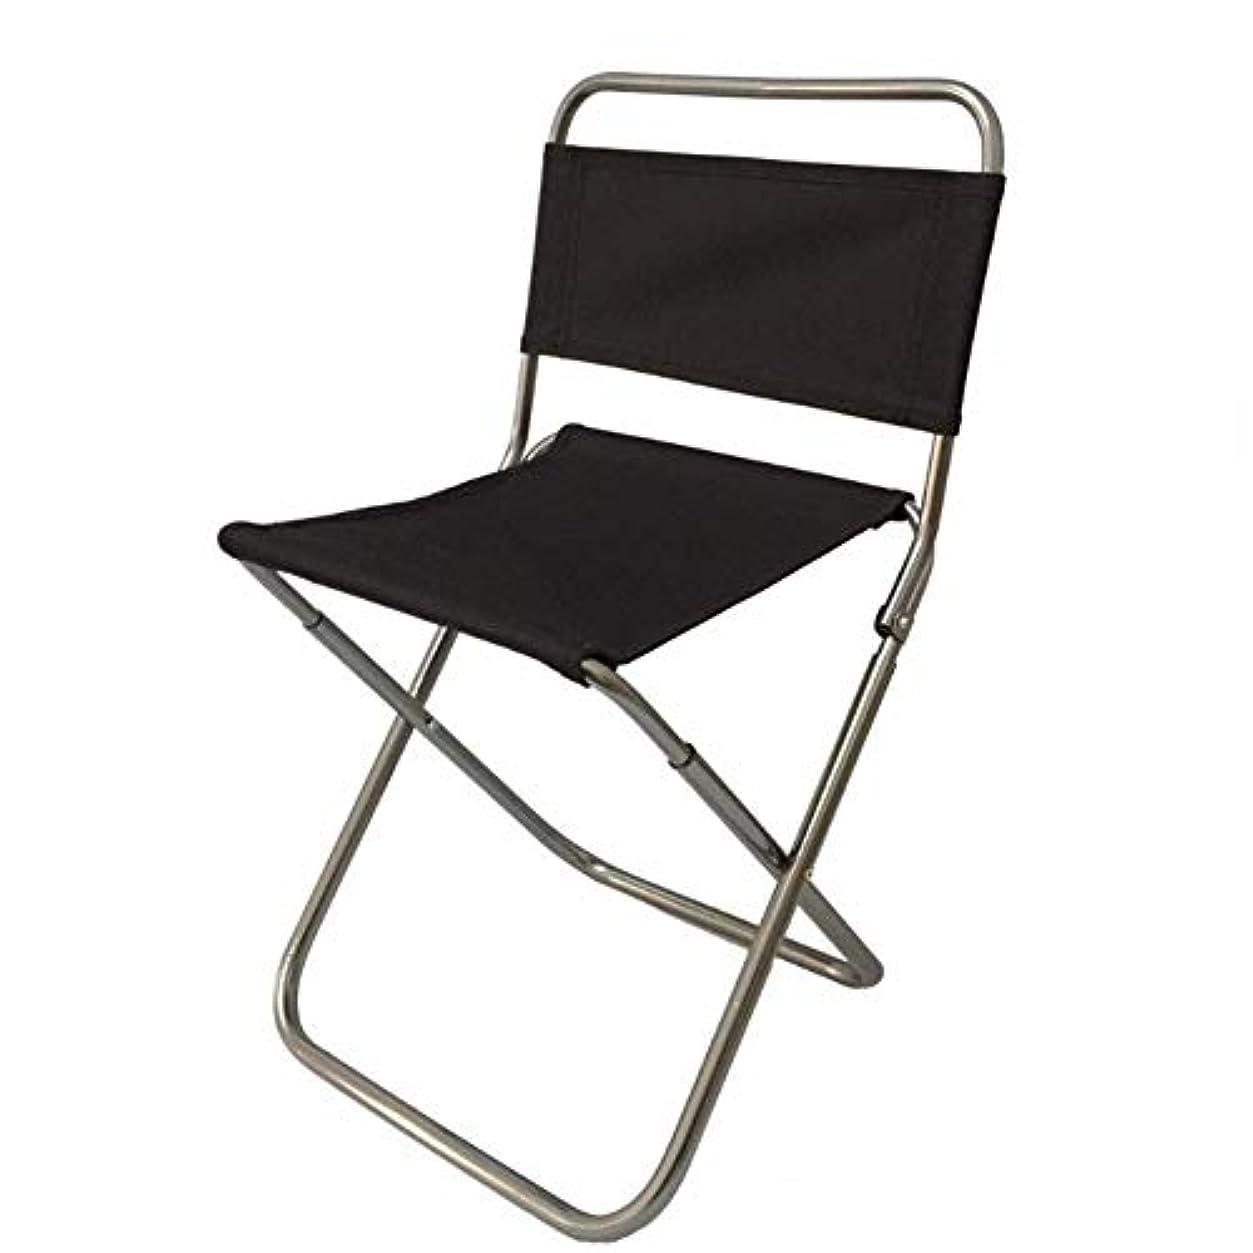 取り組む勉強するバドミントン強力なアルミ合金ナイロン迷彩折りたたみ小型椅子キャンプハイキングチェアシートスツールによる軽量屋外釣り椅子